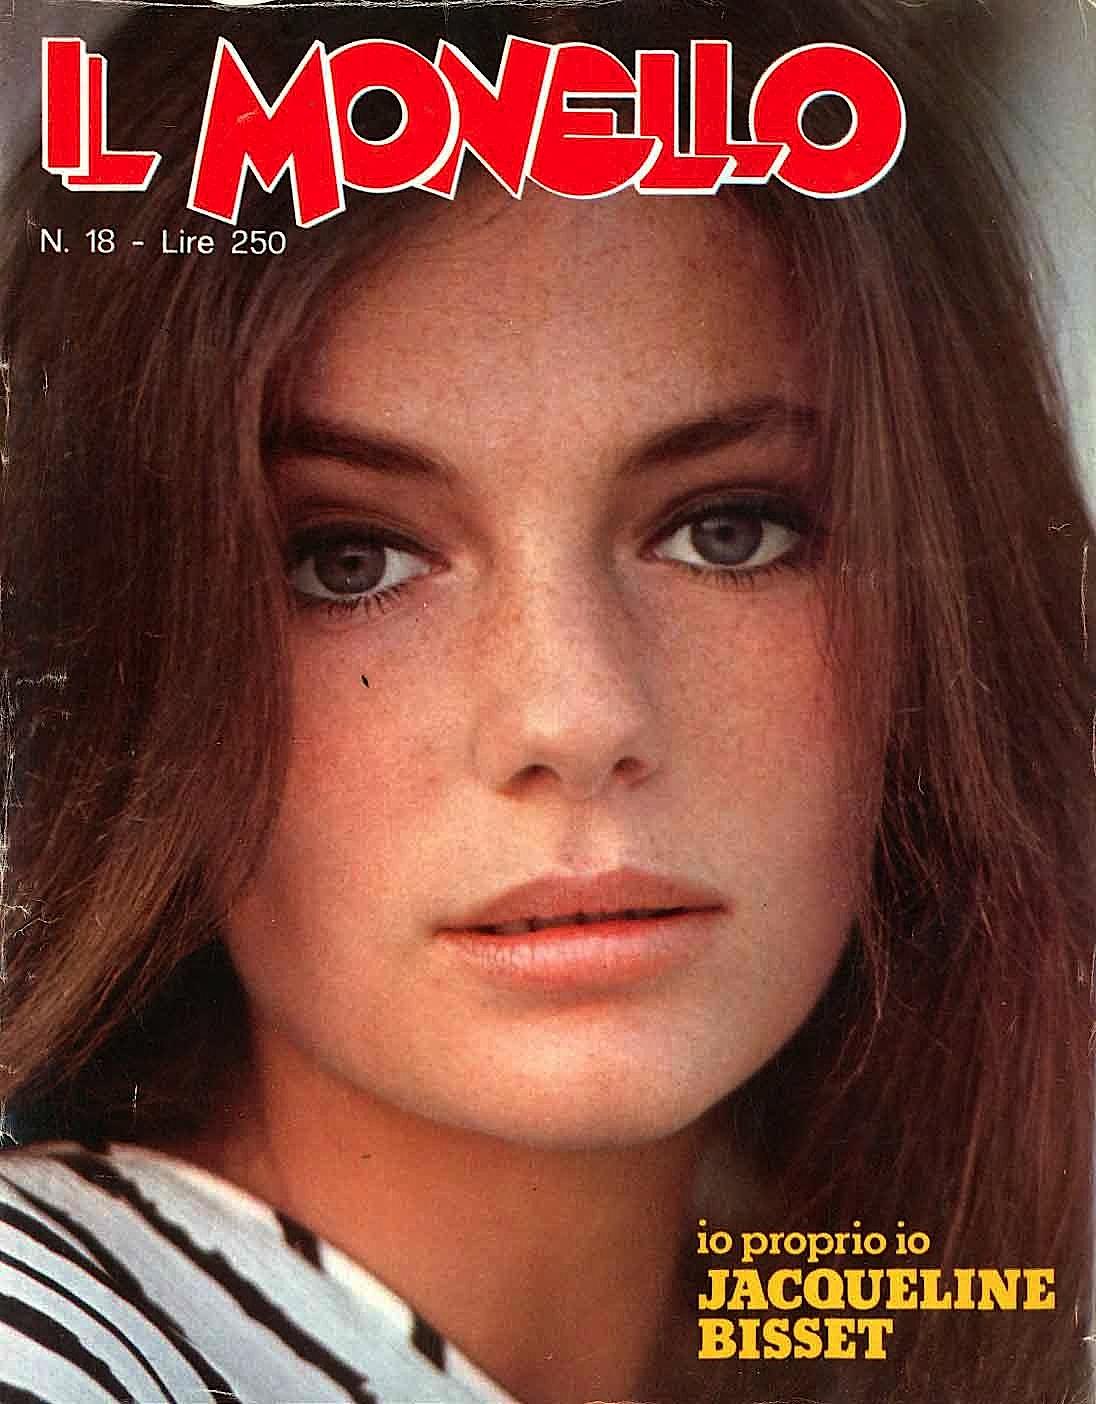 Jacqueline_bisset_copertina_monello_1975